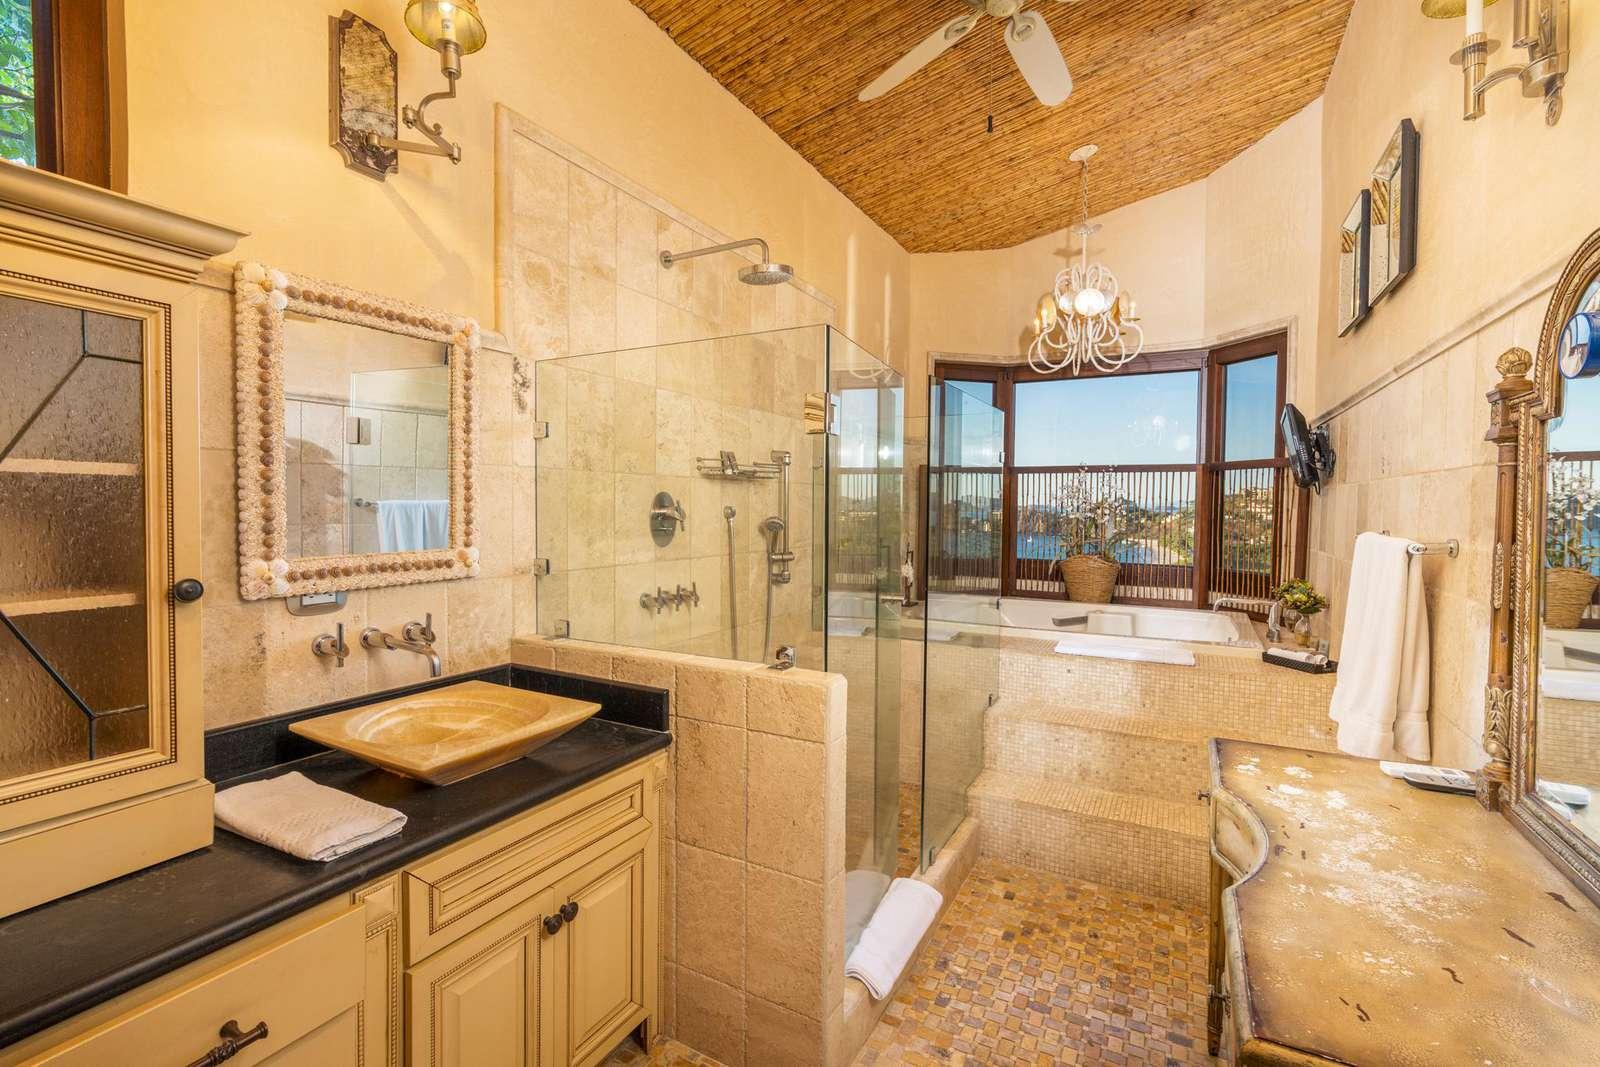 Master bathroom, dual vanity, walk in shower, jacuzzi tub